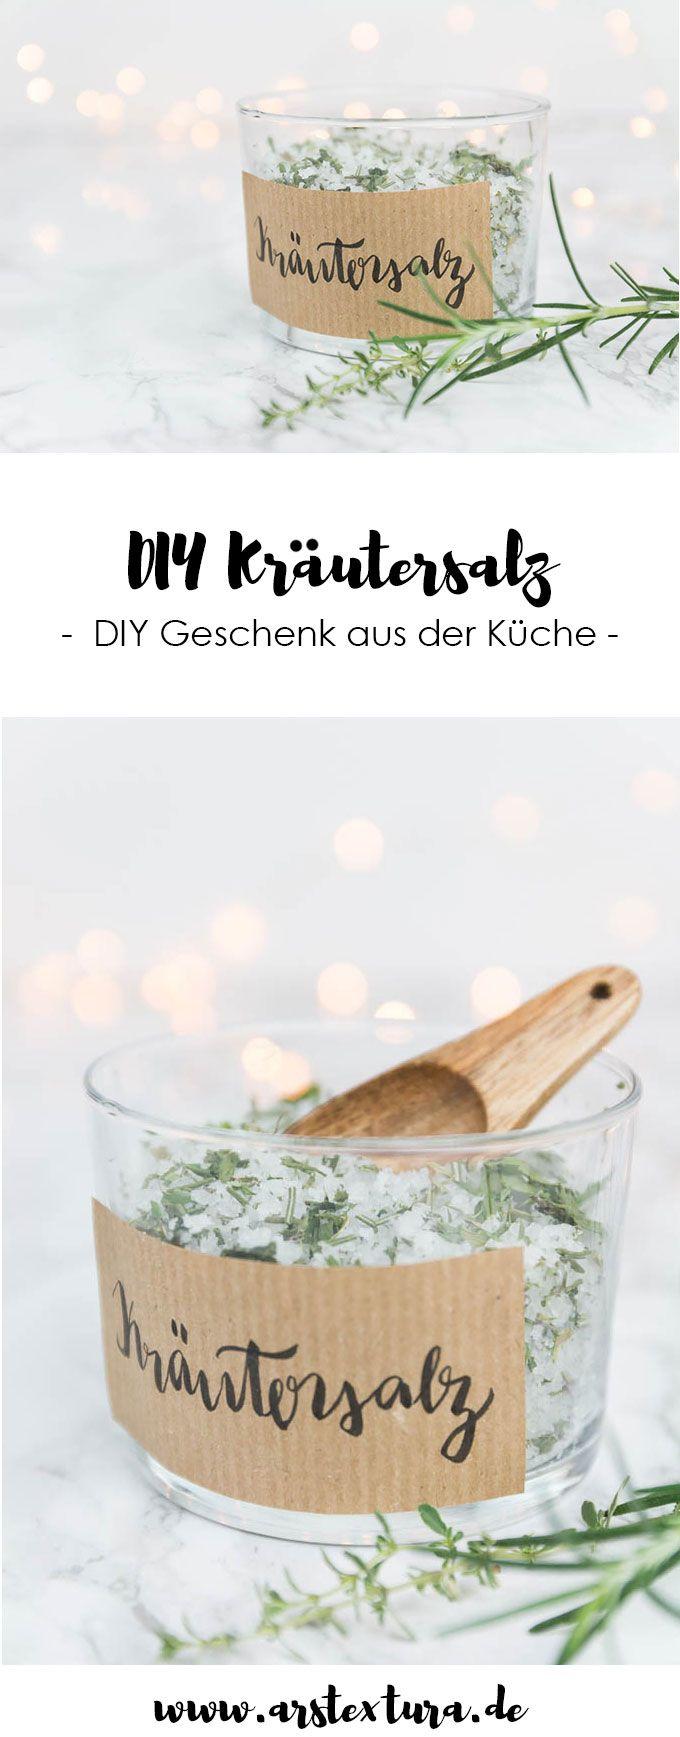 DIY Kräutersalz selber machen - DIY Geschenk aus der Küche und schönes Mitbringsel